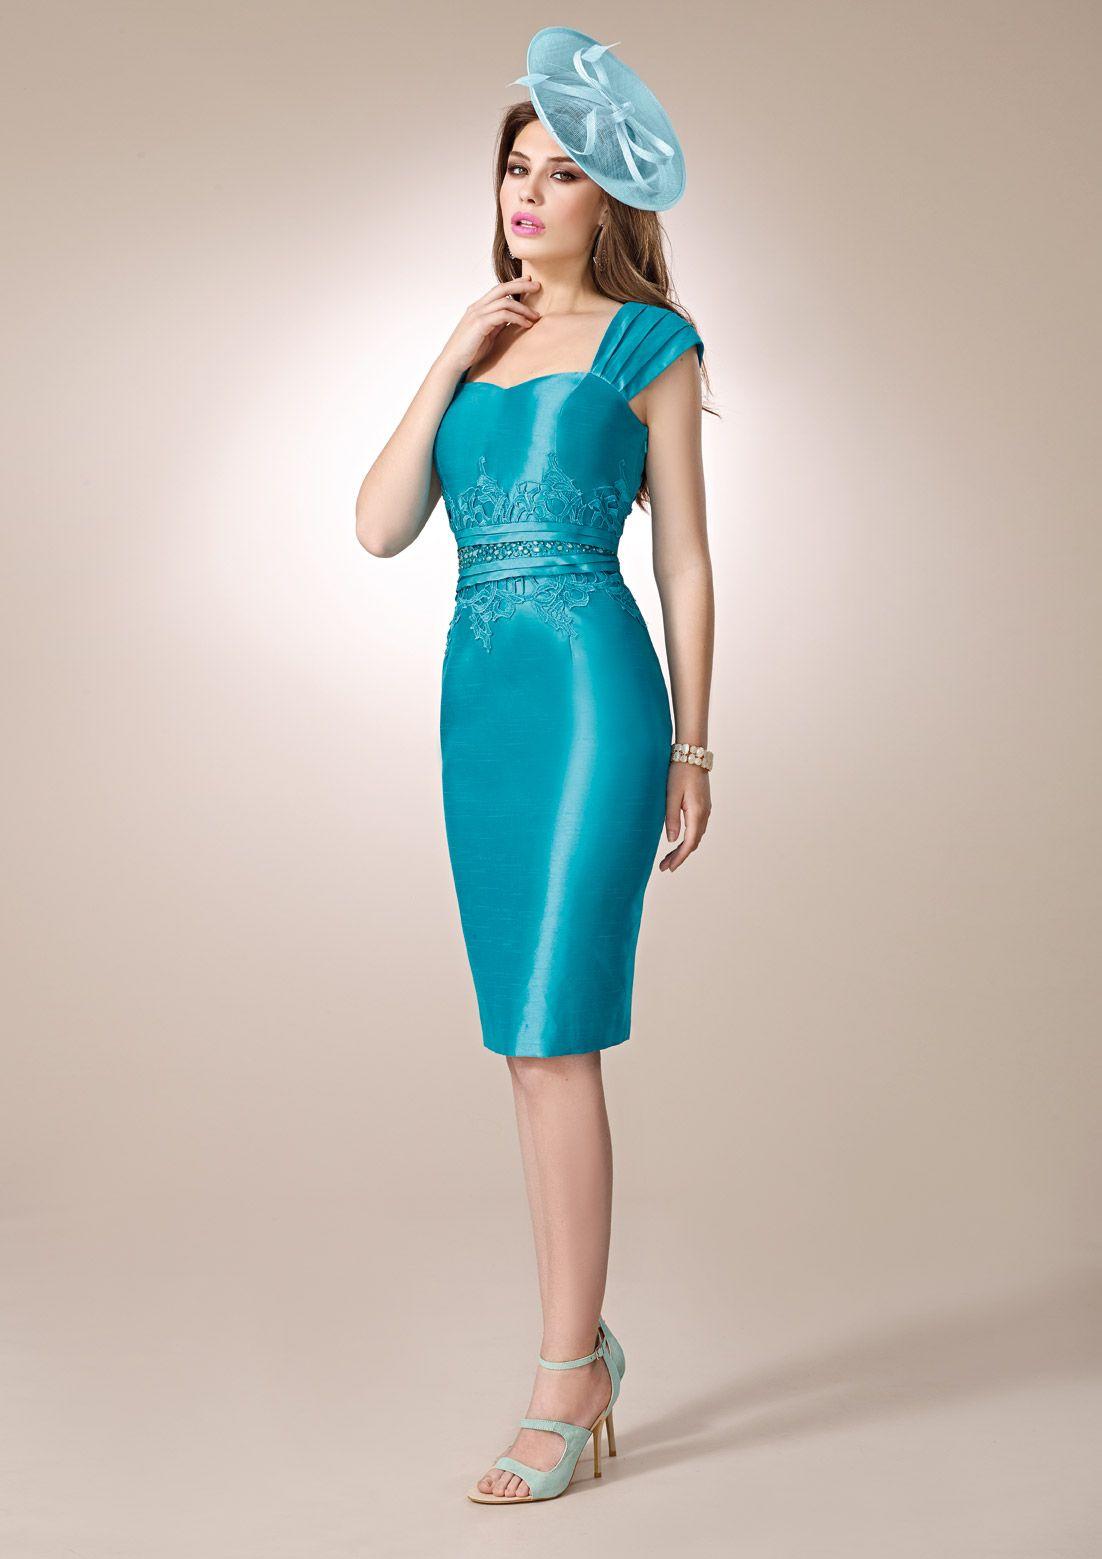 ZEILA DONNA 9197 Vestido de fiesta corto en shantung, con detalles ...